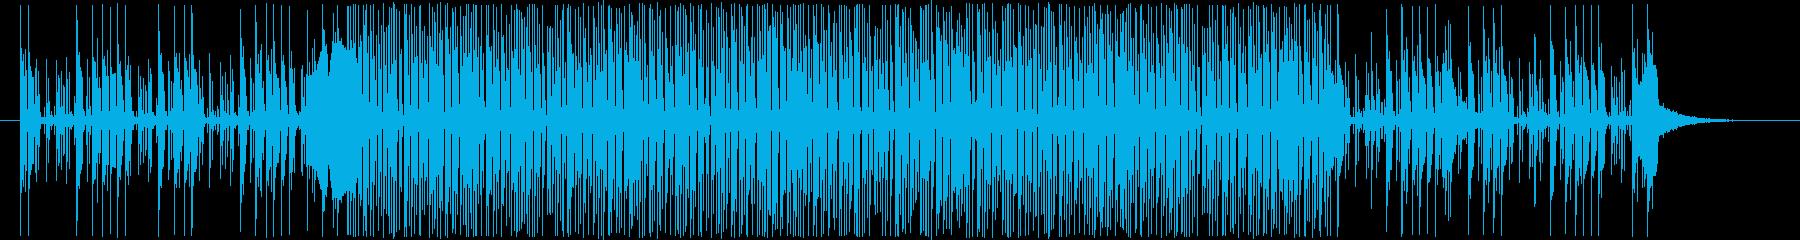 あやしい、暗め、謎、シンセ系BGMの再生済みの波形